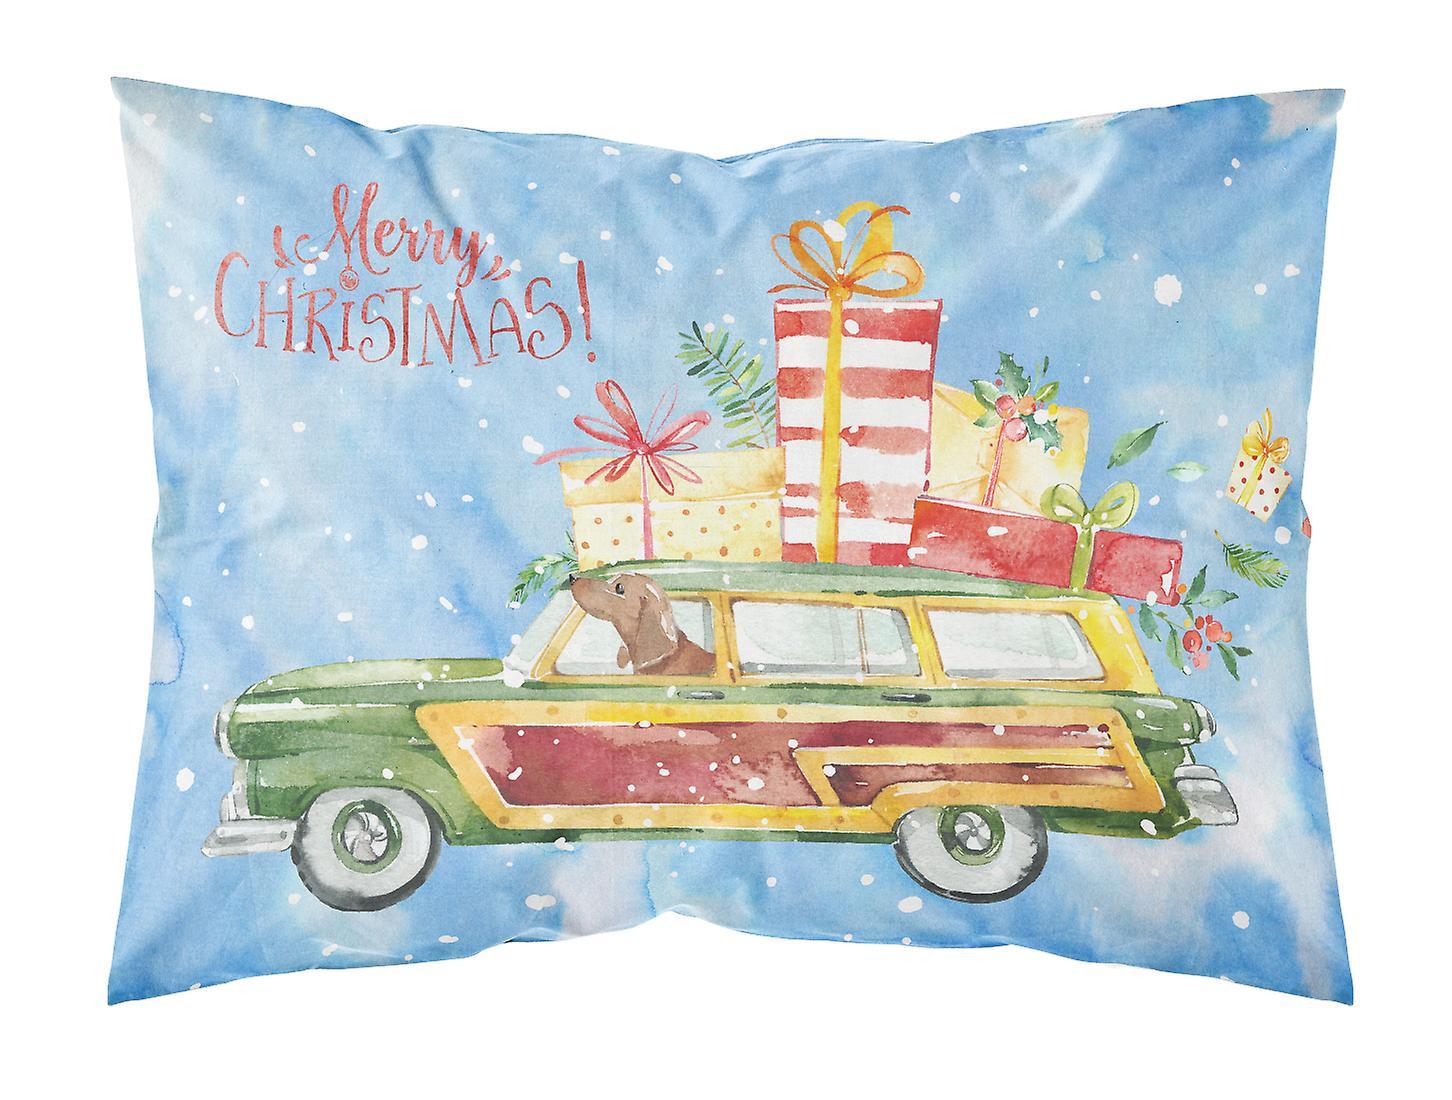 Christmas Taie Tissu Merry D'oreiller Dachshund De Standard Rouge PiOZkXu